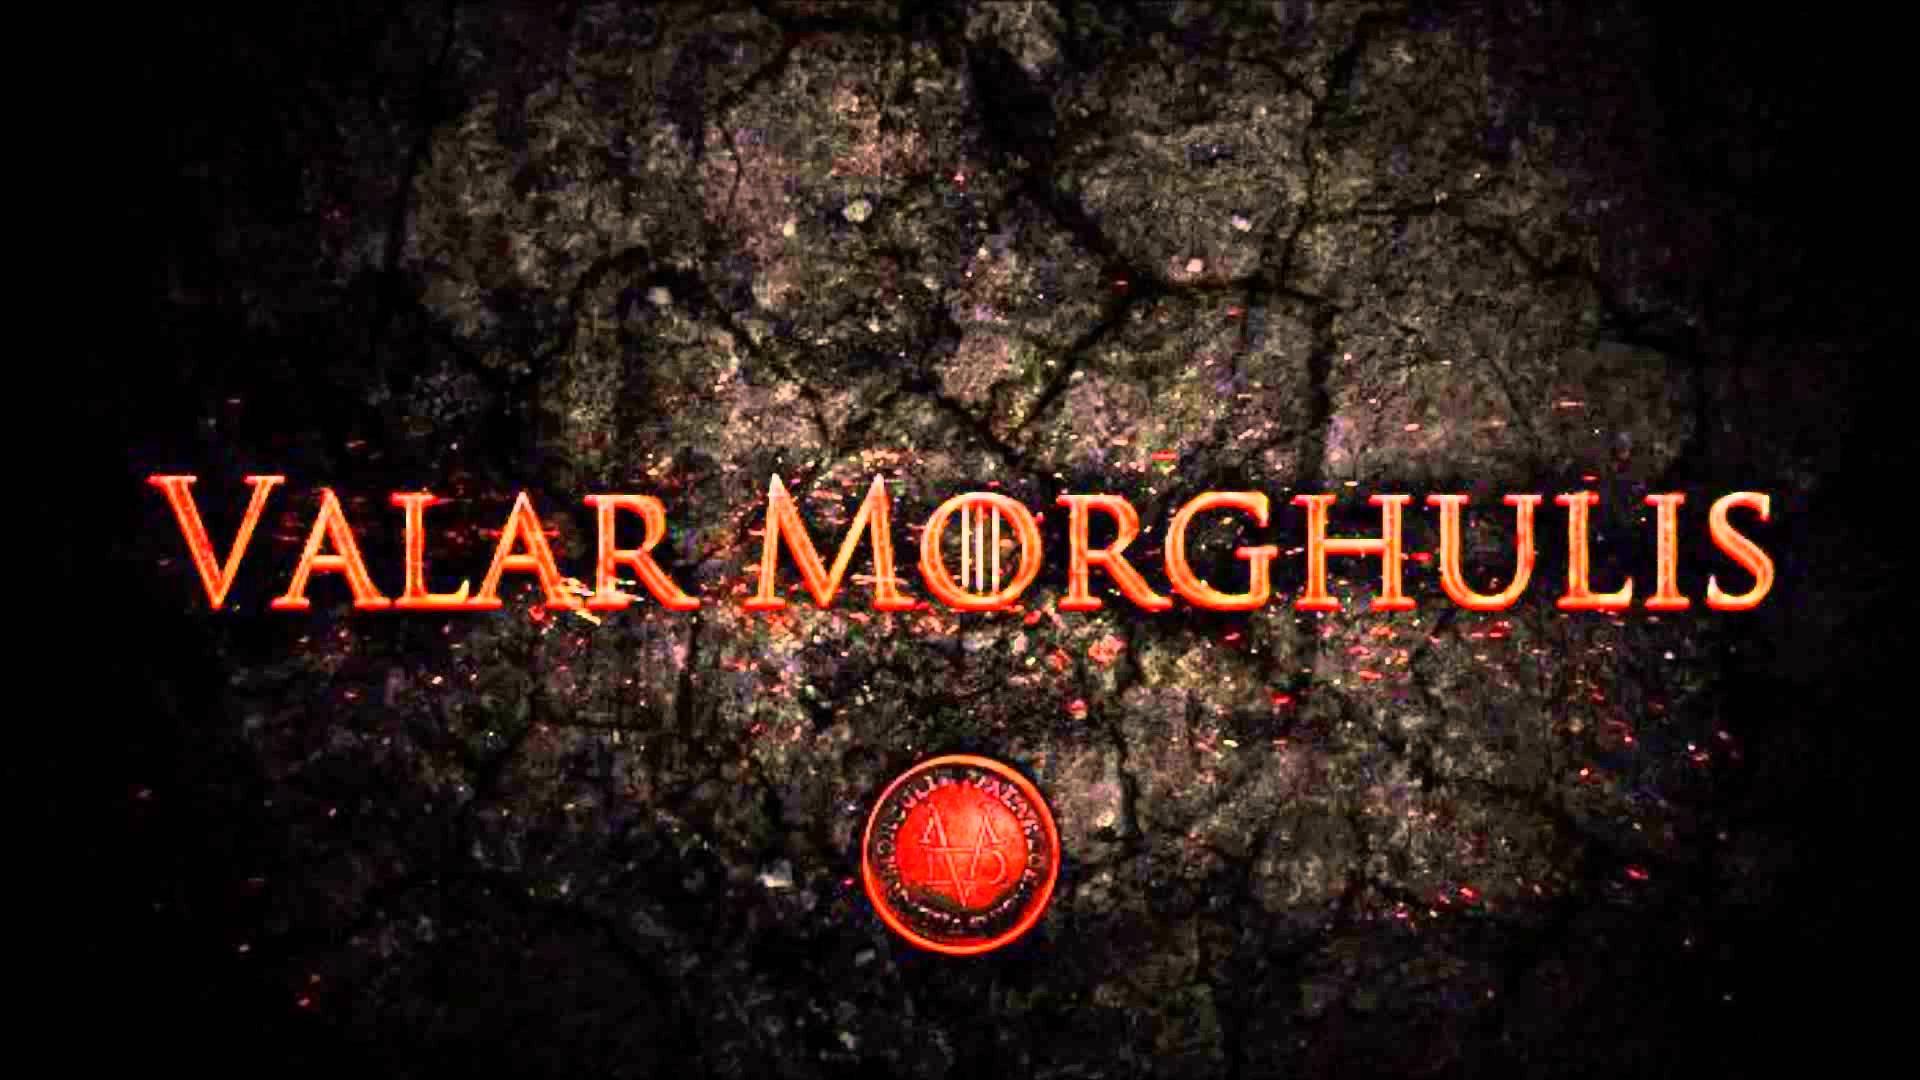 Valar Morghulis Wallpapers - Wallpaper Cave